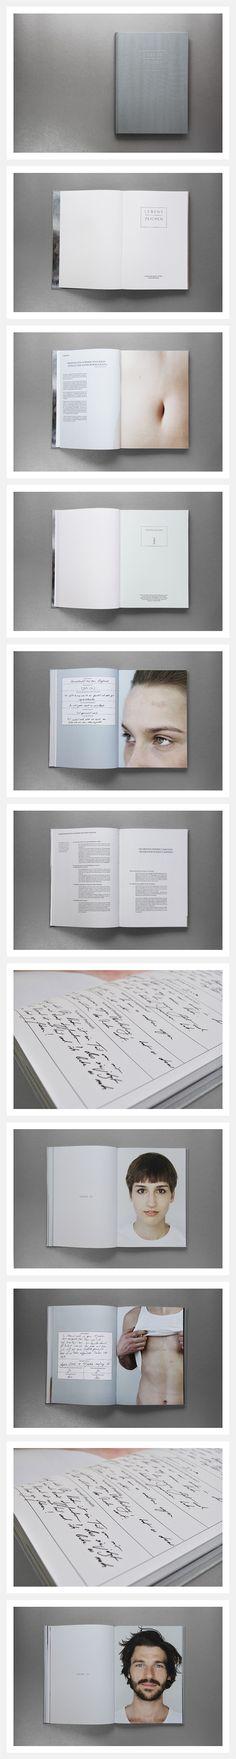 Book design for Lebens-Zeichen by Nora Lechner